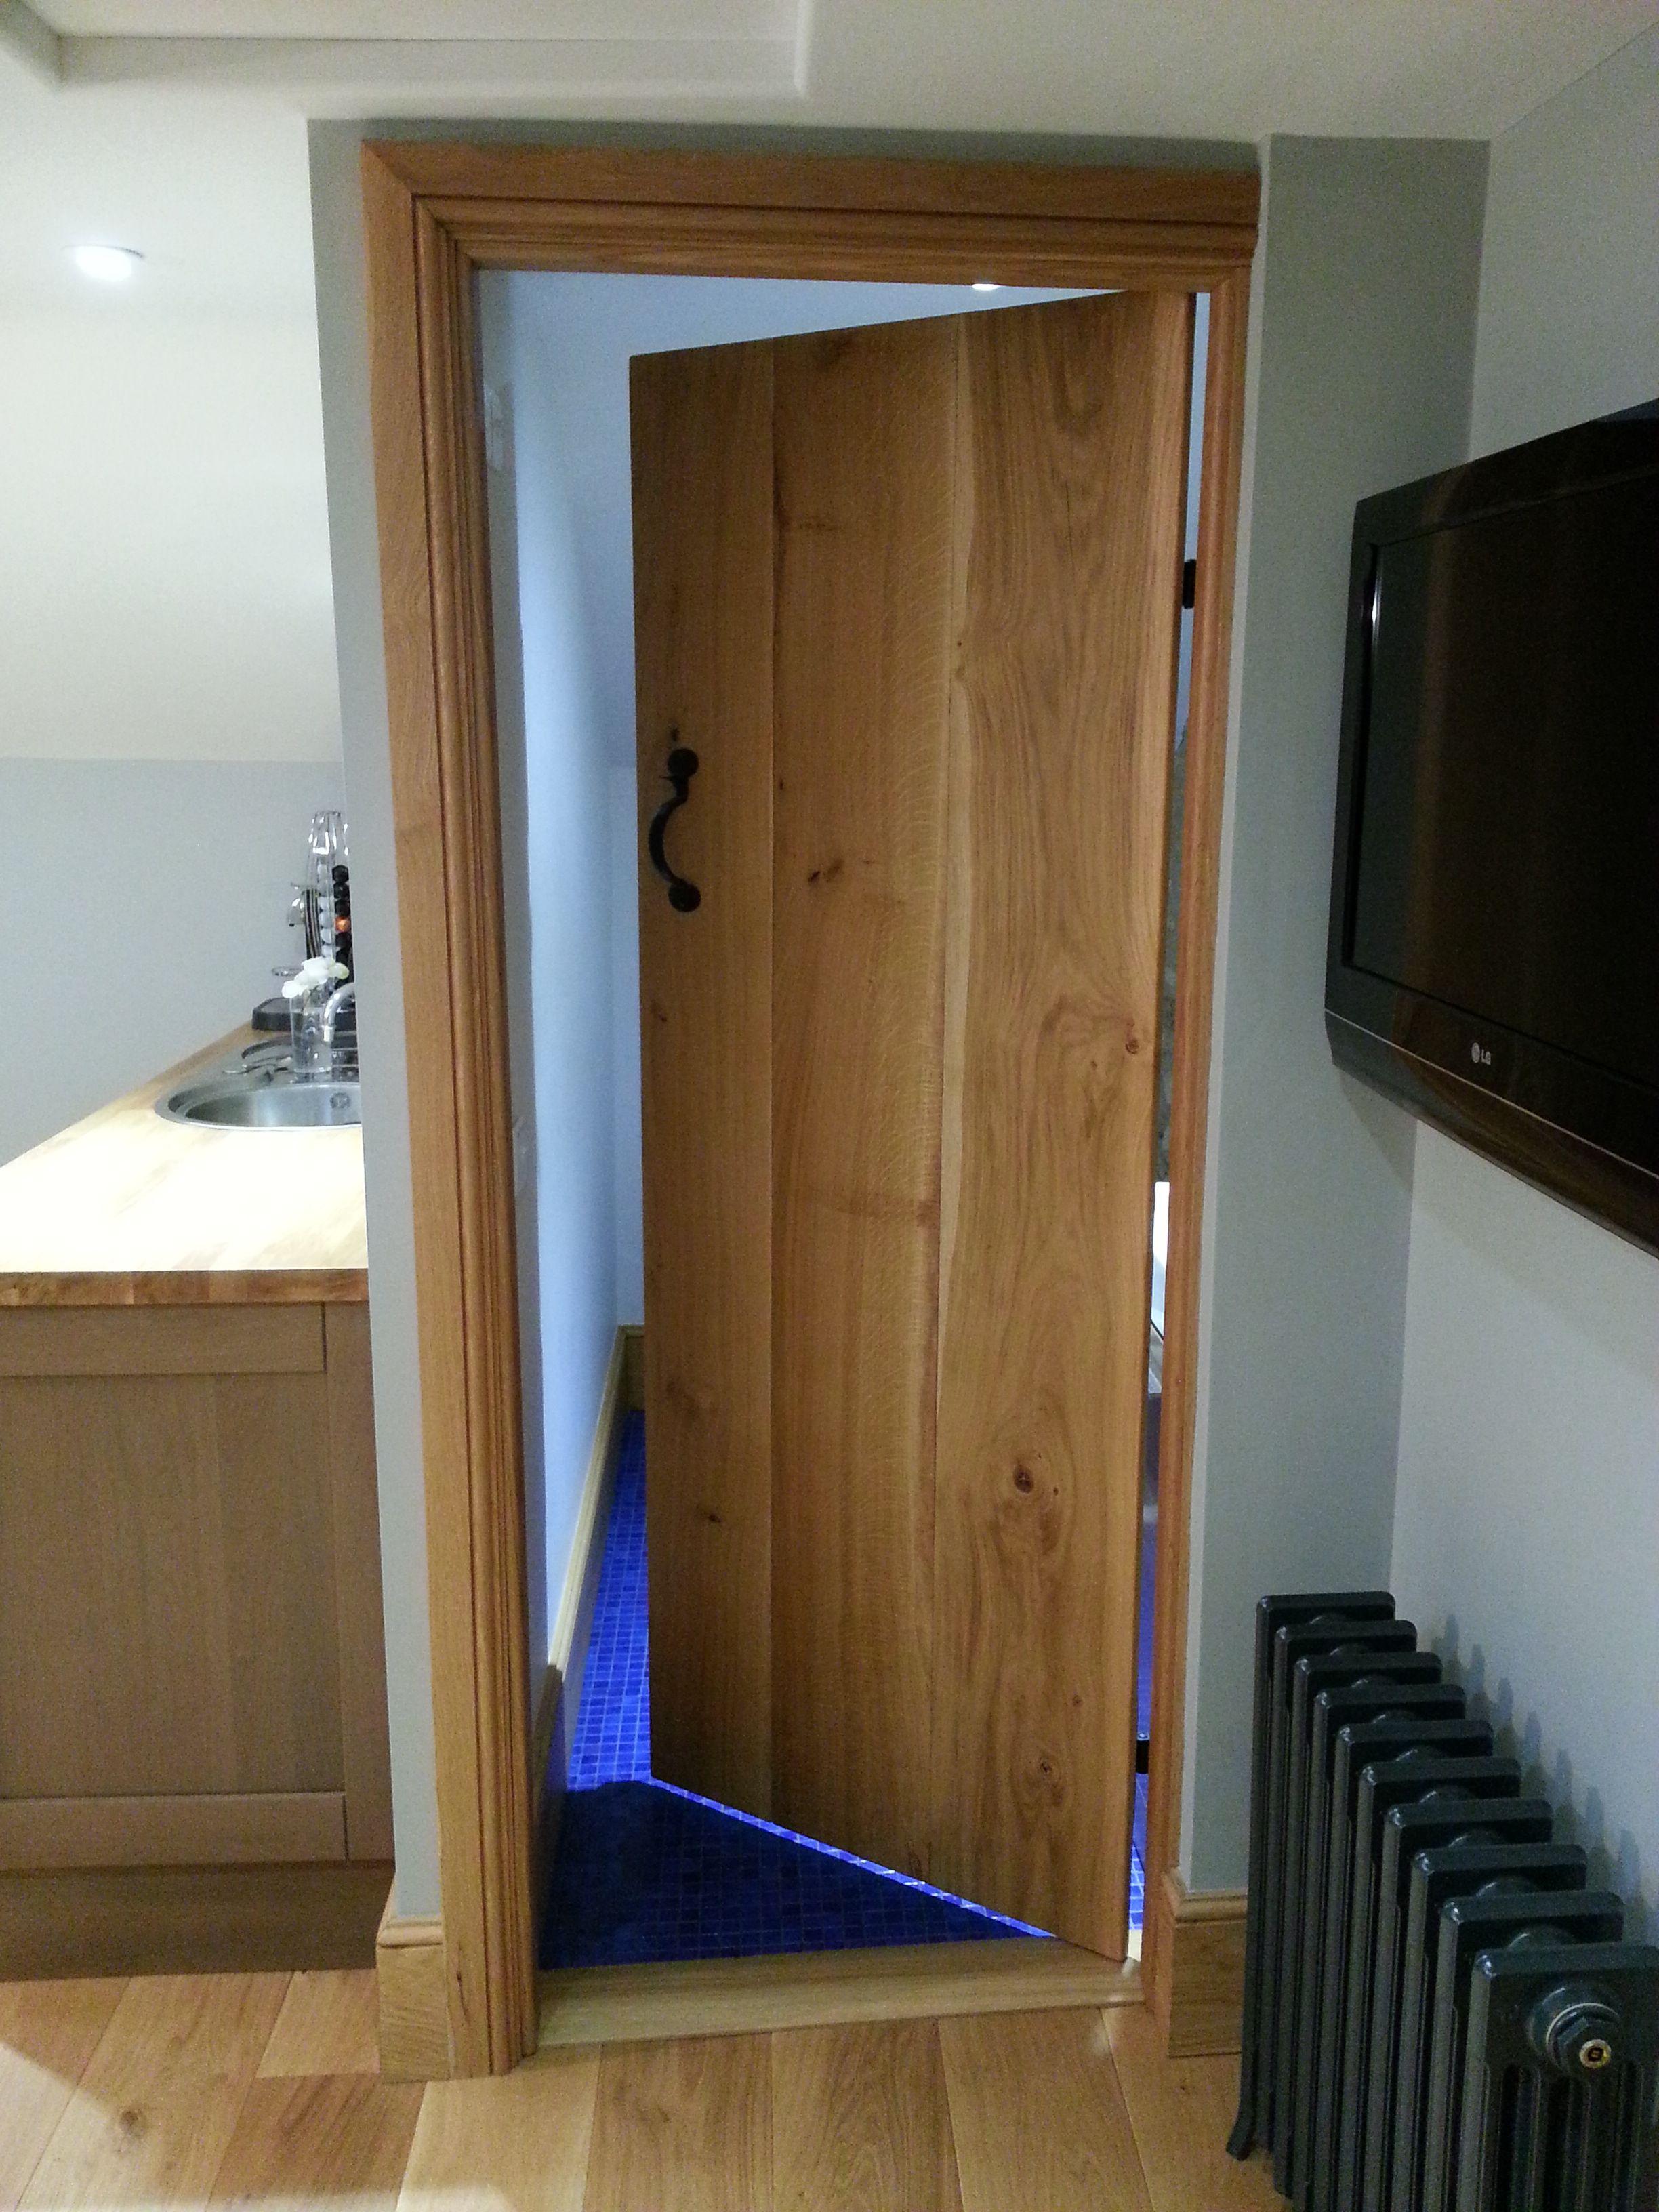 Antique oak reprodcution Door. Solid Oak Rustic Door. Ledged cottage door period features. & Antique oak reprodcution Door. Solid Oak Rustic Door. Ledged ...